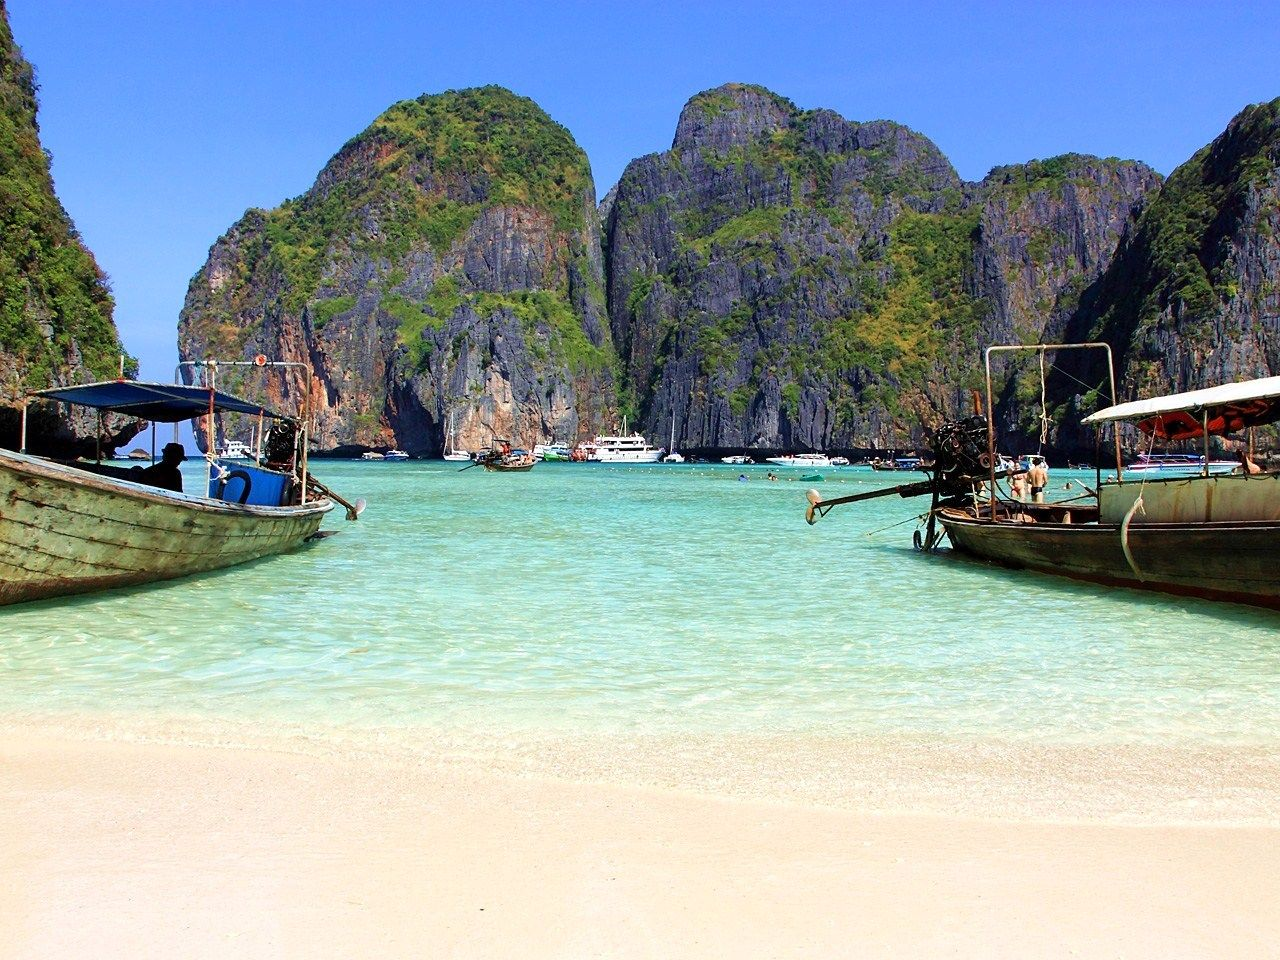 美しすぎるビーチ!タイ・ピピ島、楽園を求める恋人たちの島